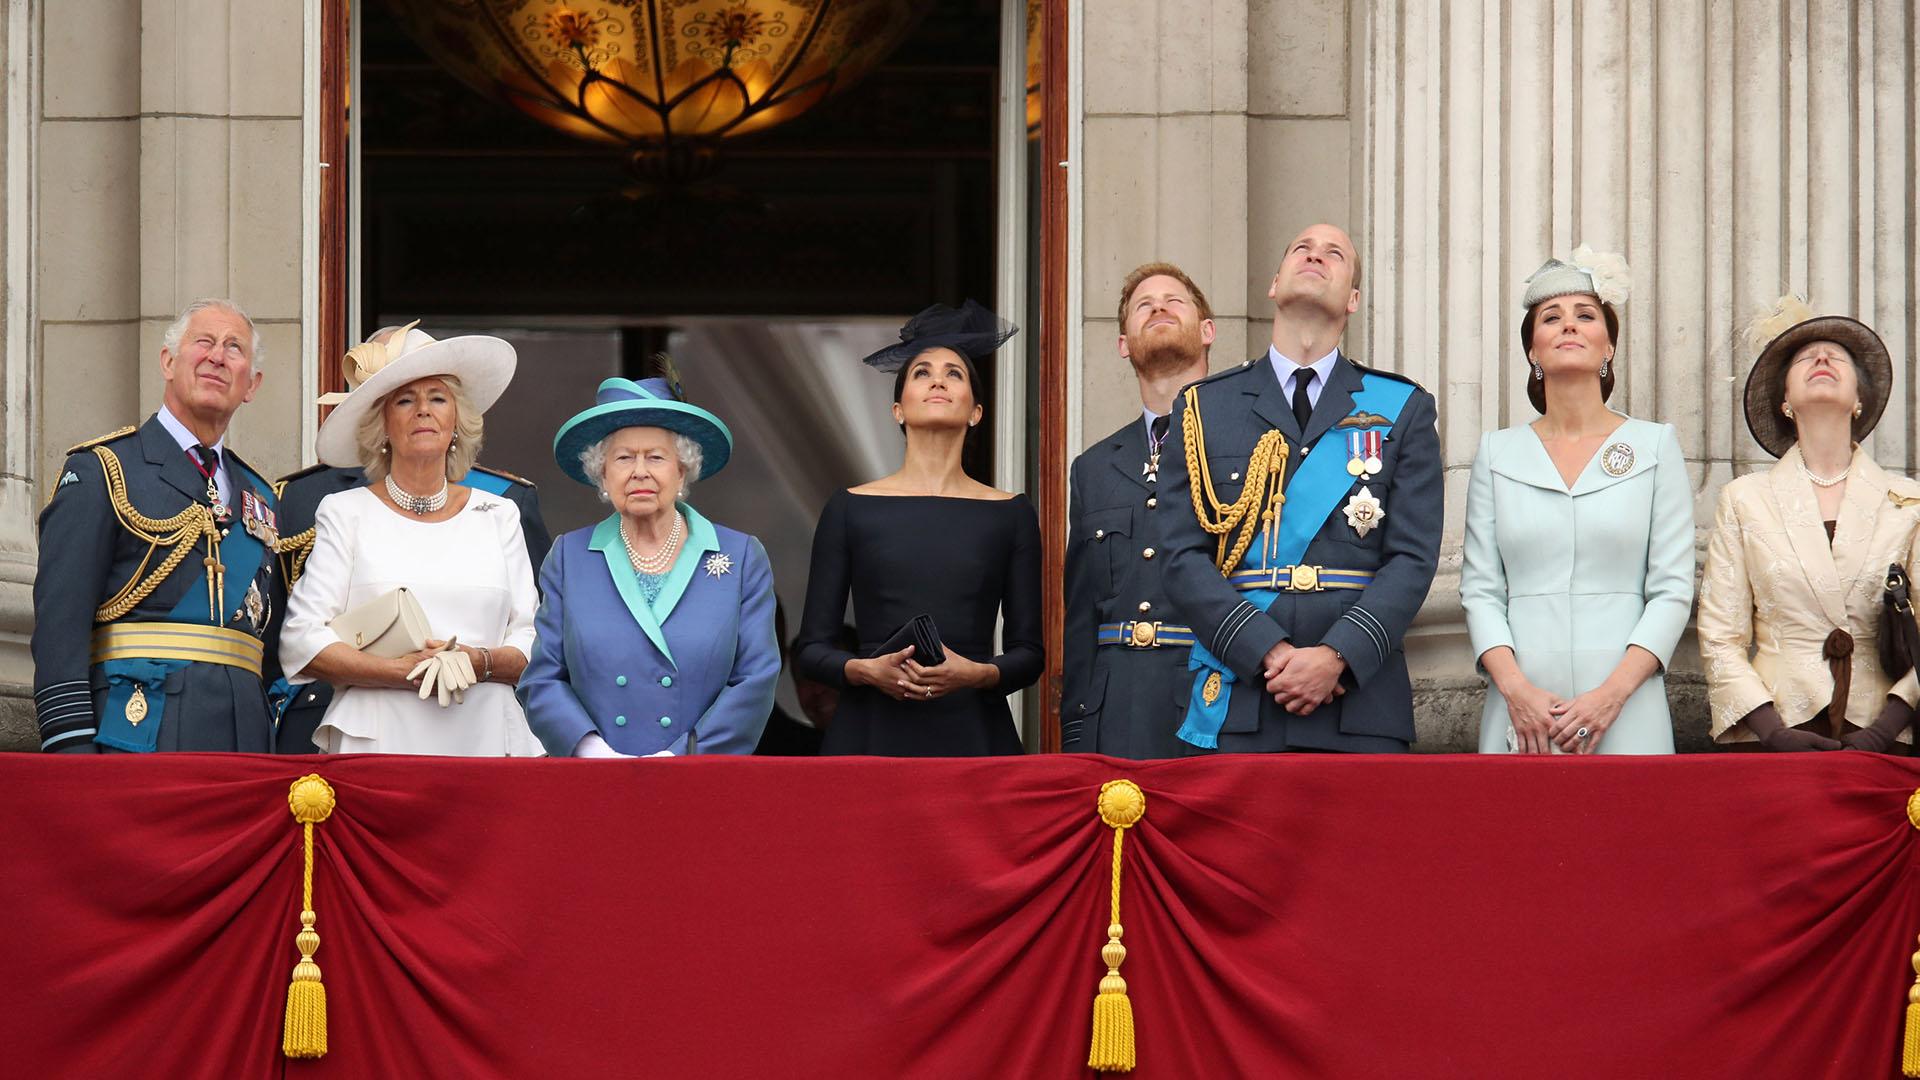 La familia real británica a pleno en el balcón del Palacio de Buckingham: el príncipe Carlos, Camila de Cornualles, la reina Isabel, Meghan de Sussex, el príncipe Harry, el príncipe Guillermo, Catalina de Cambridge y la princesa Ana observan la demostración de la Fuerza Aérea Real